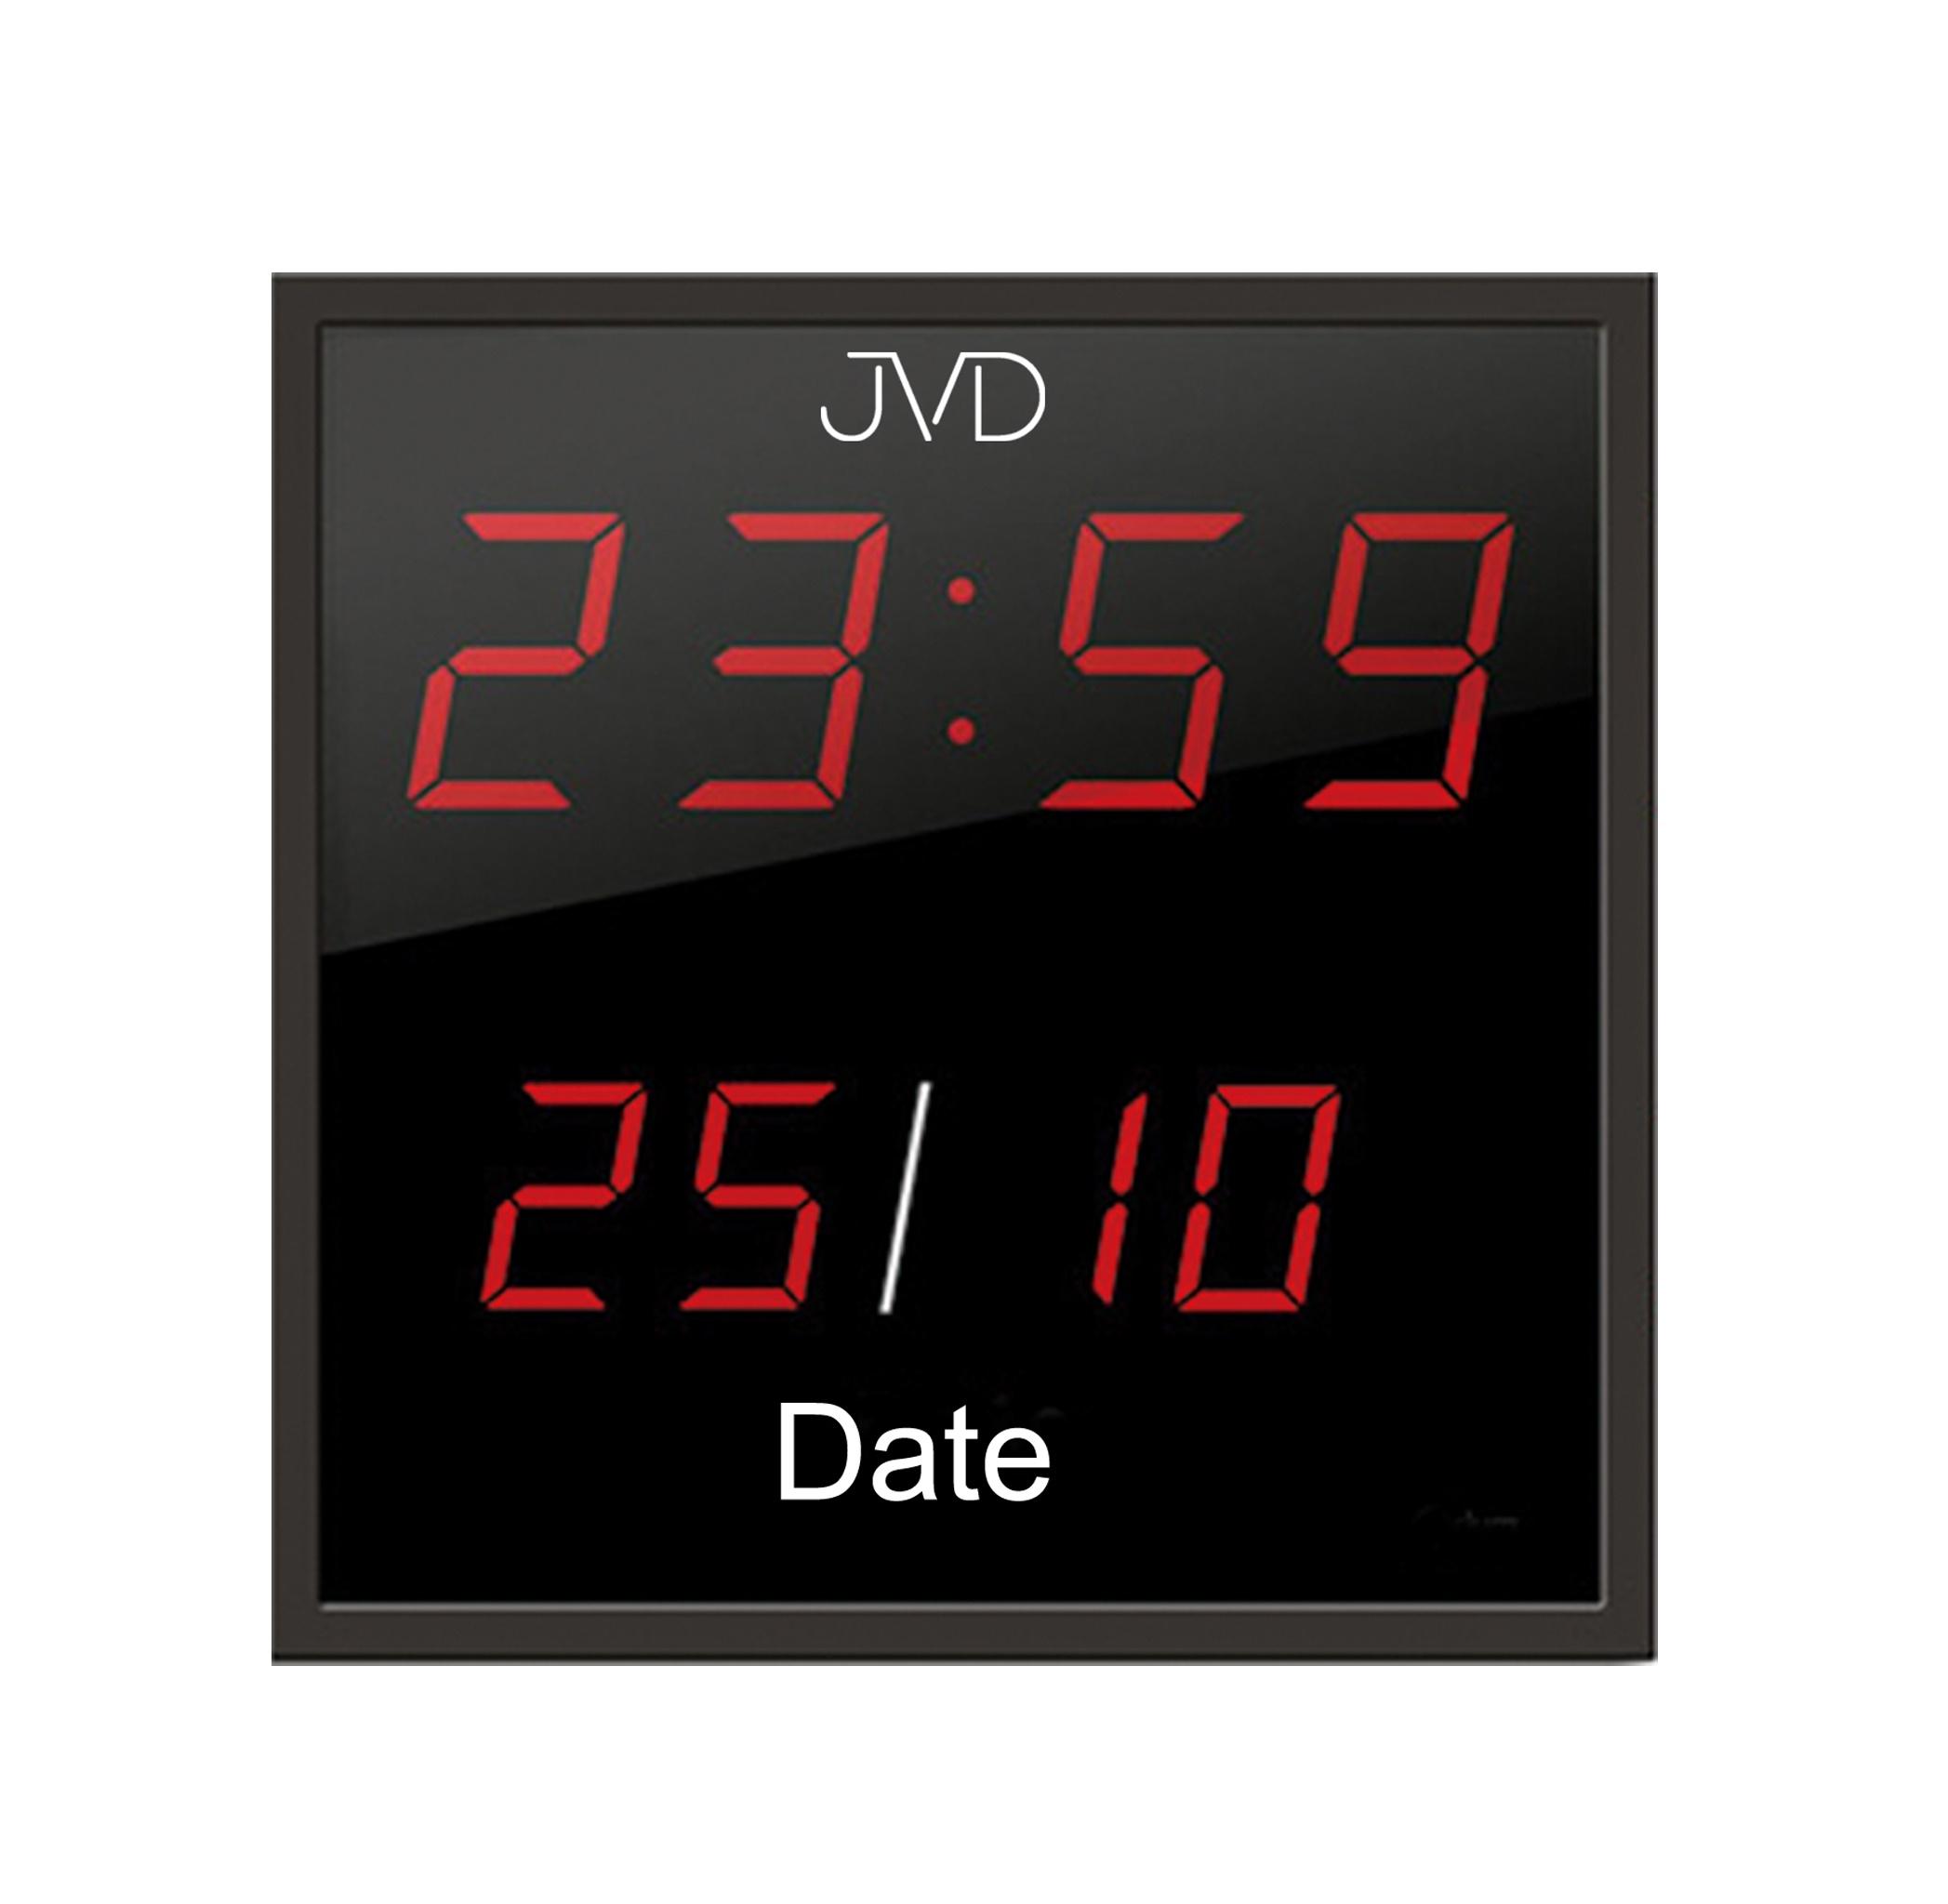 Velké svítící digitalní nástěnné hodiny JVD DH41 s červenými číslicemi (DOPRAVA ZDARMA)